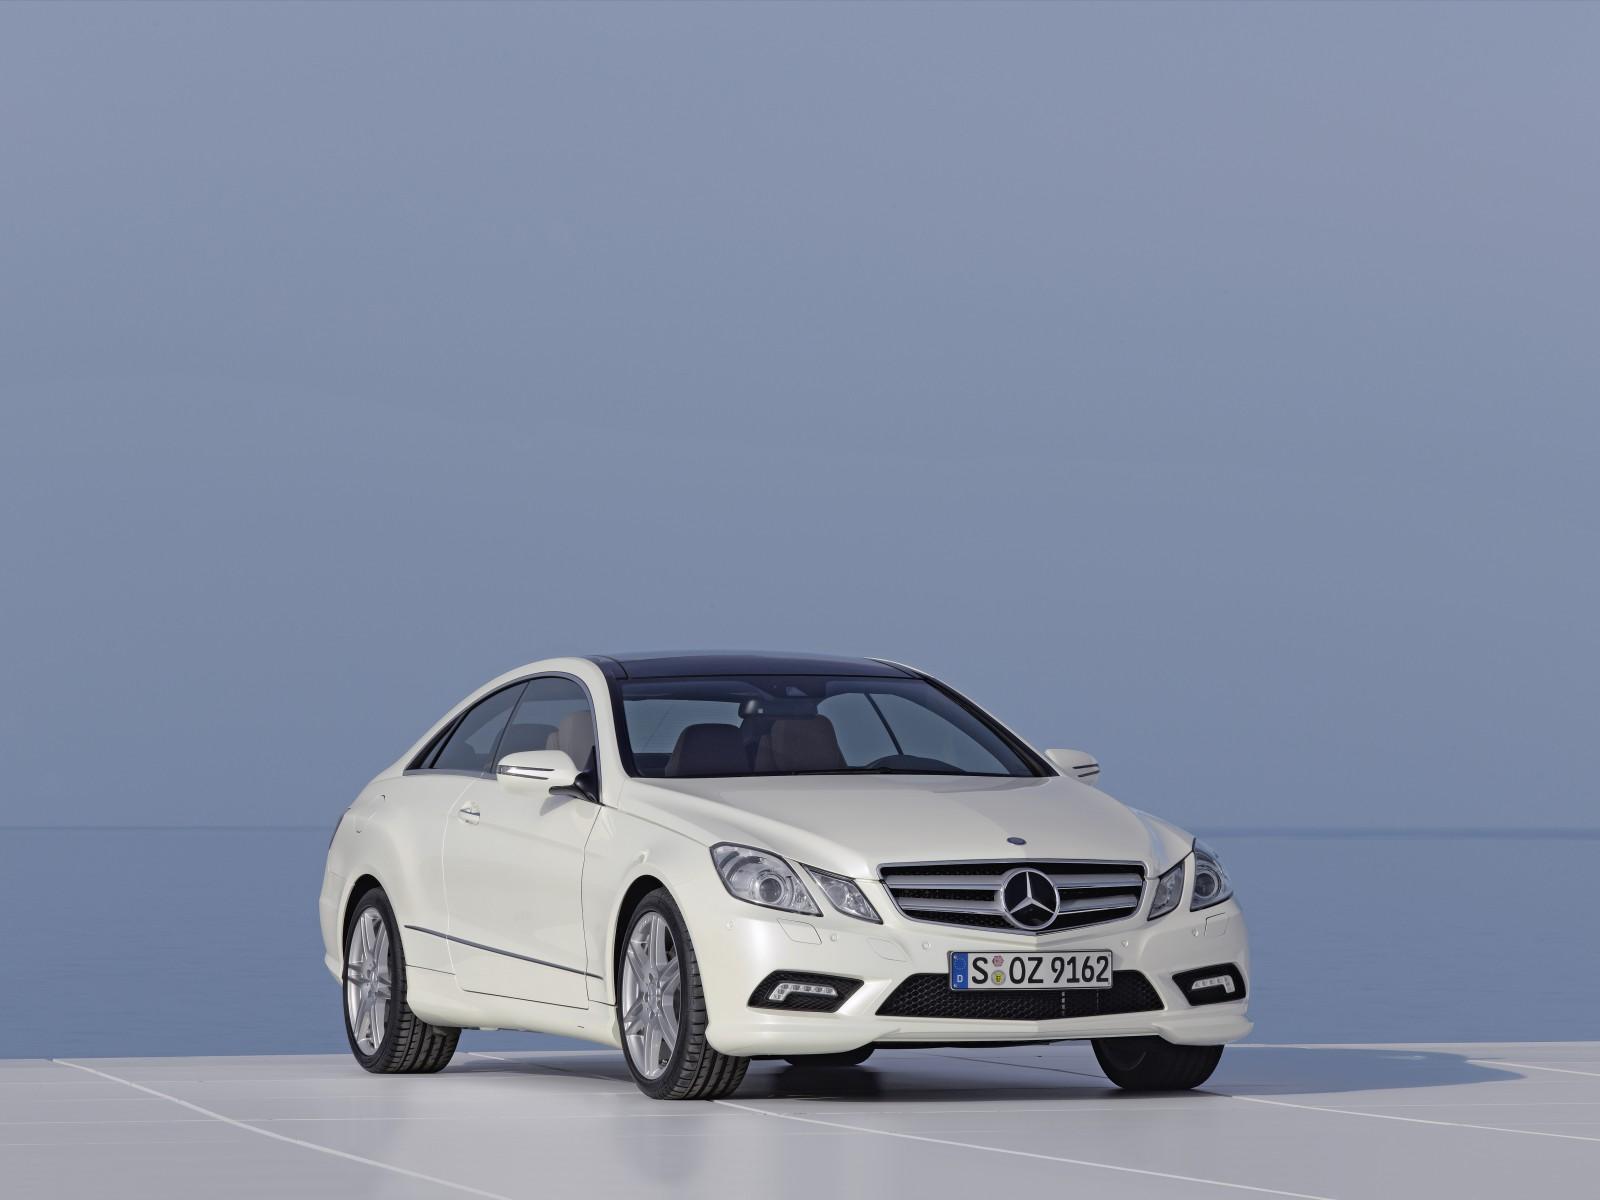 2009 mercedes benz e 500 coupe motor desktop - Mercedes benz coupe 2009 ...